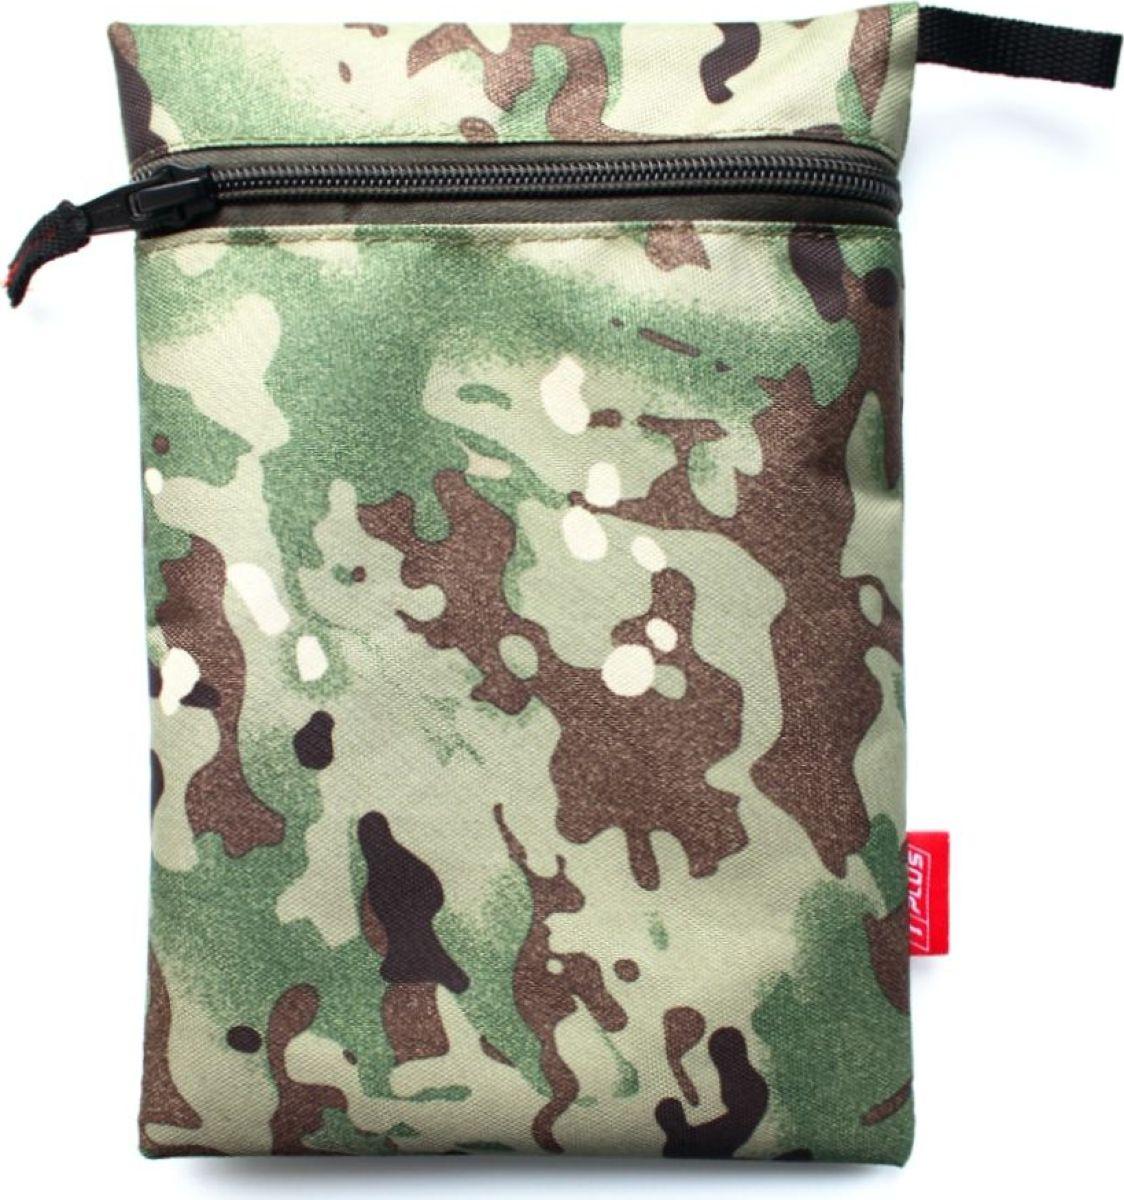 Мешок вещевой Tplus 600, цвет: мультиколор, 18 x 26 см сумка для такелажной оснастки tplus сompact t009375